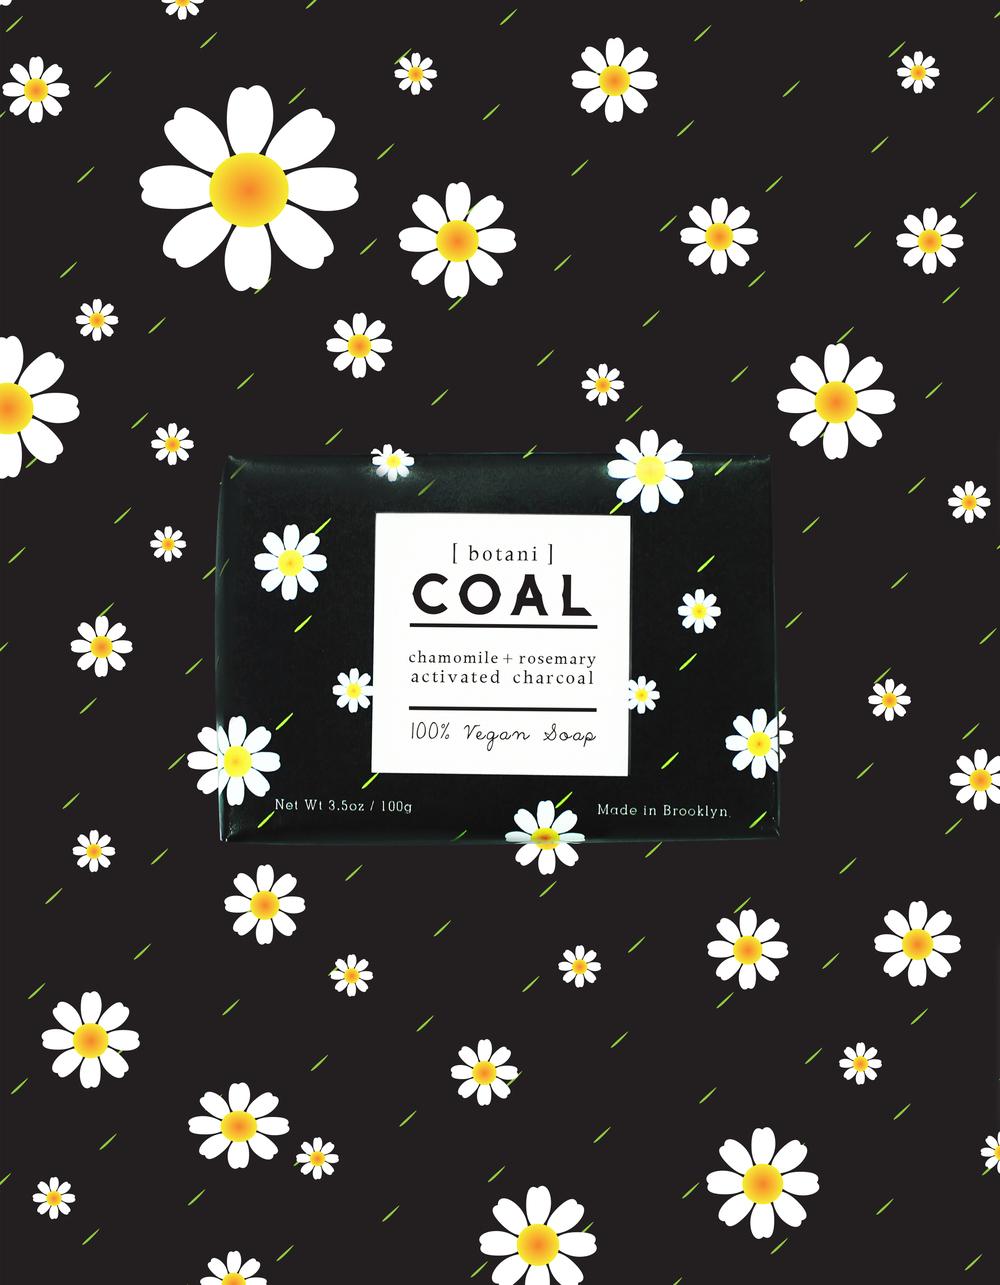 _COAL_4B.jpg